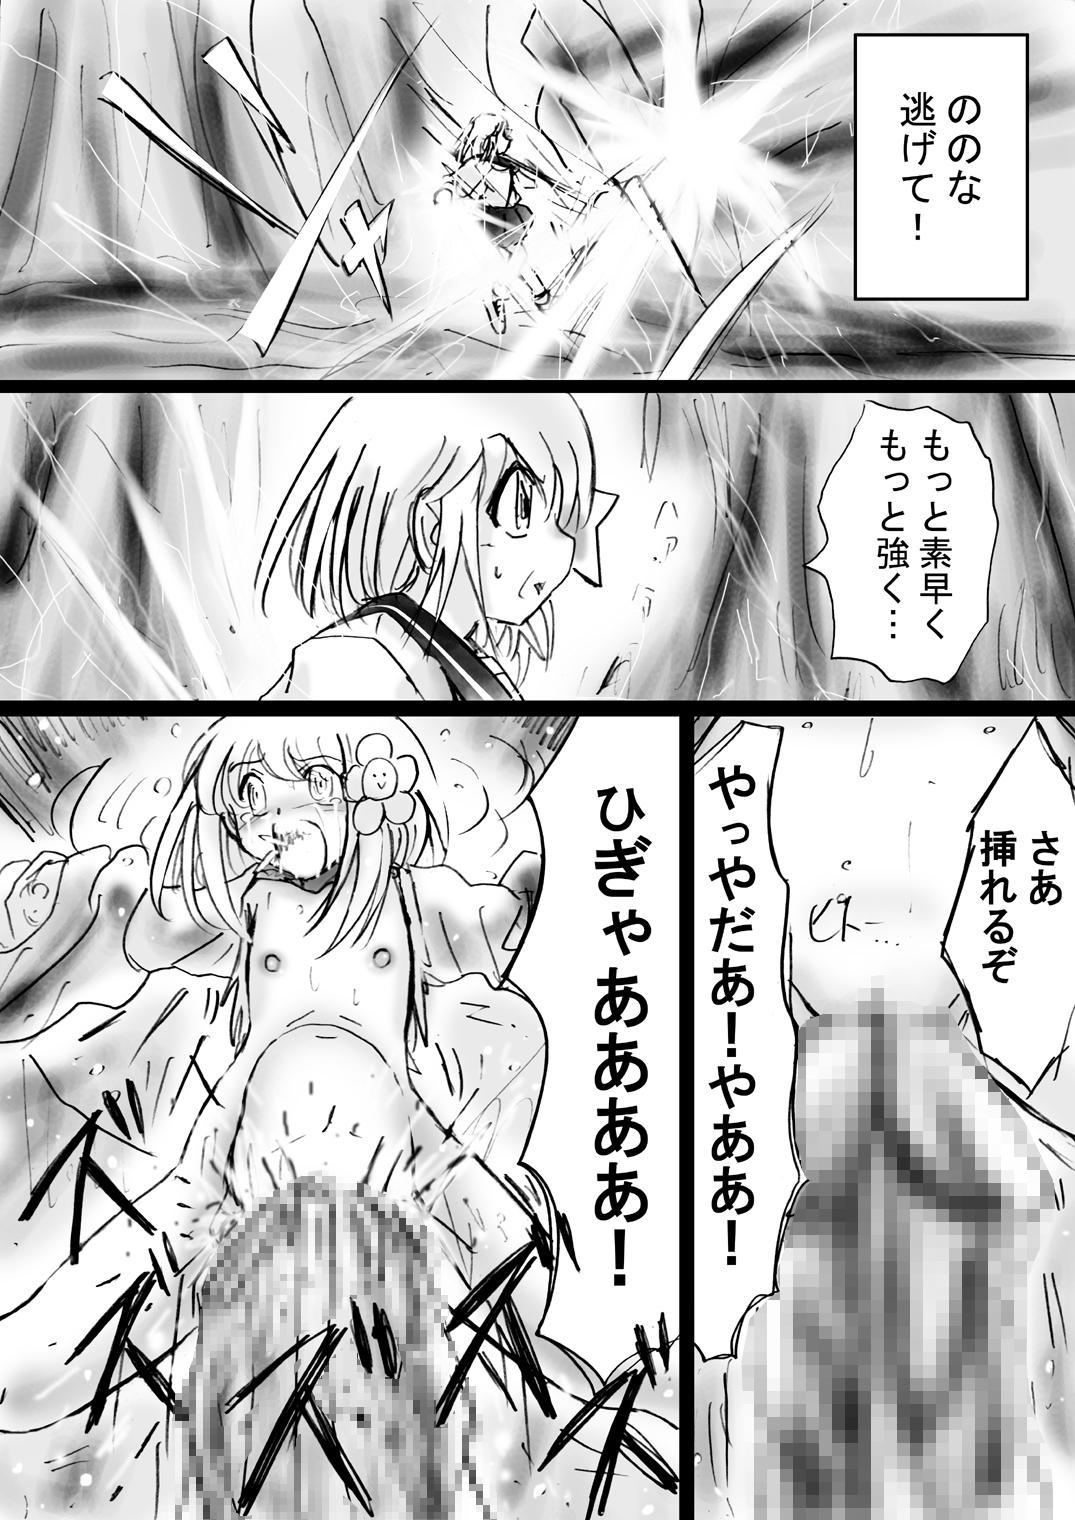 [Dende] Fushigi Sekai -Mystery World- no Nona 17 ~ Taiketsu Fujimi no Dai Inma Dakurasu, Kanzen Sekka no Kyoufu 48